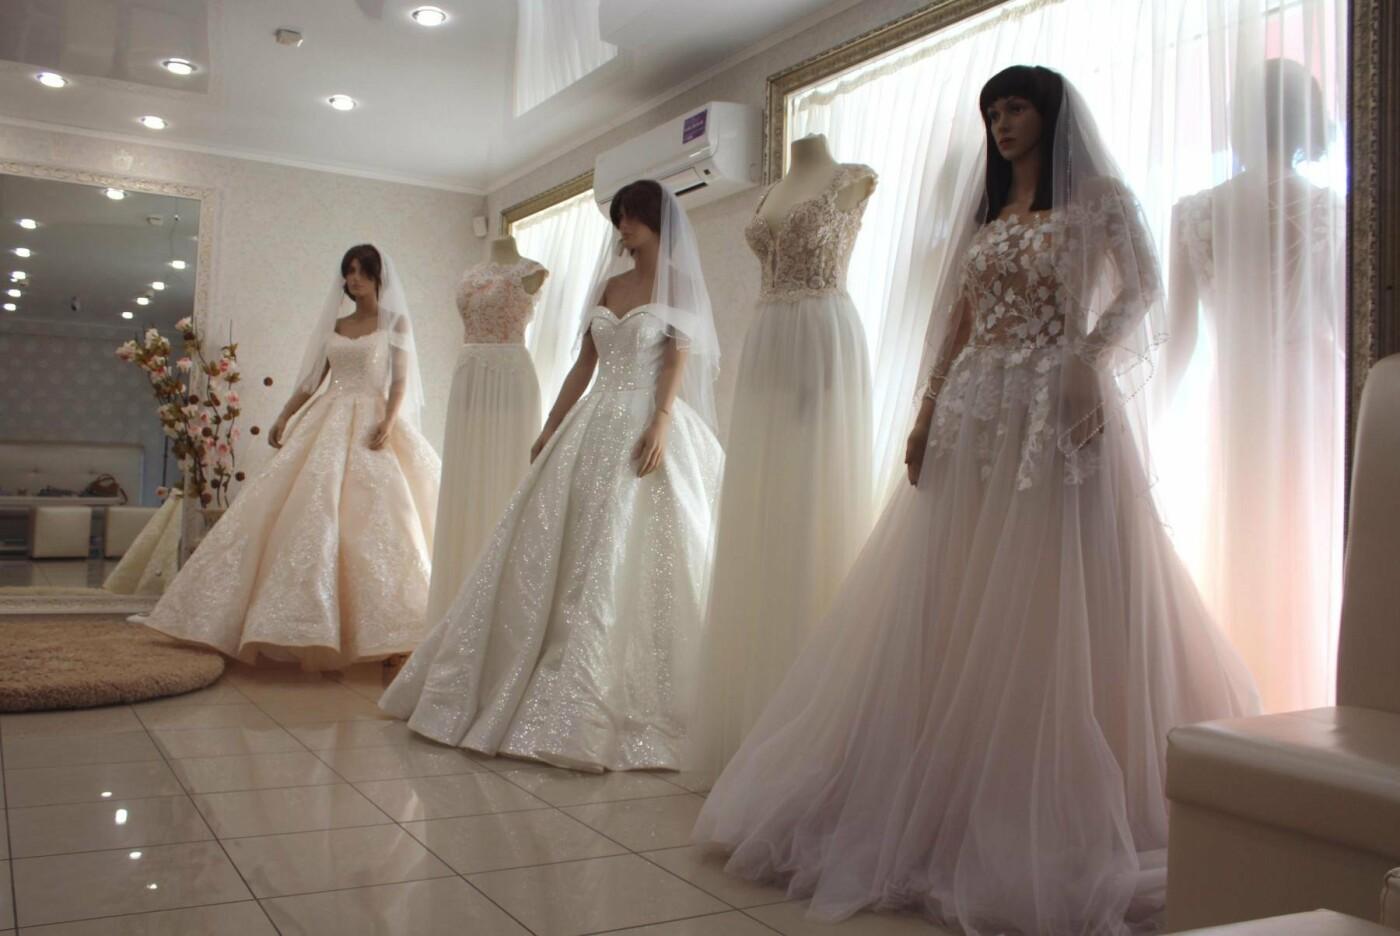 Выбираем платье мечты. Семь важных советов для будущей невесты, фото-1